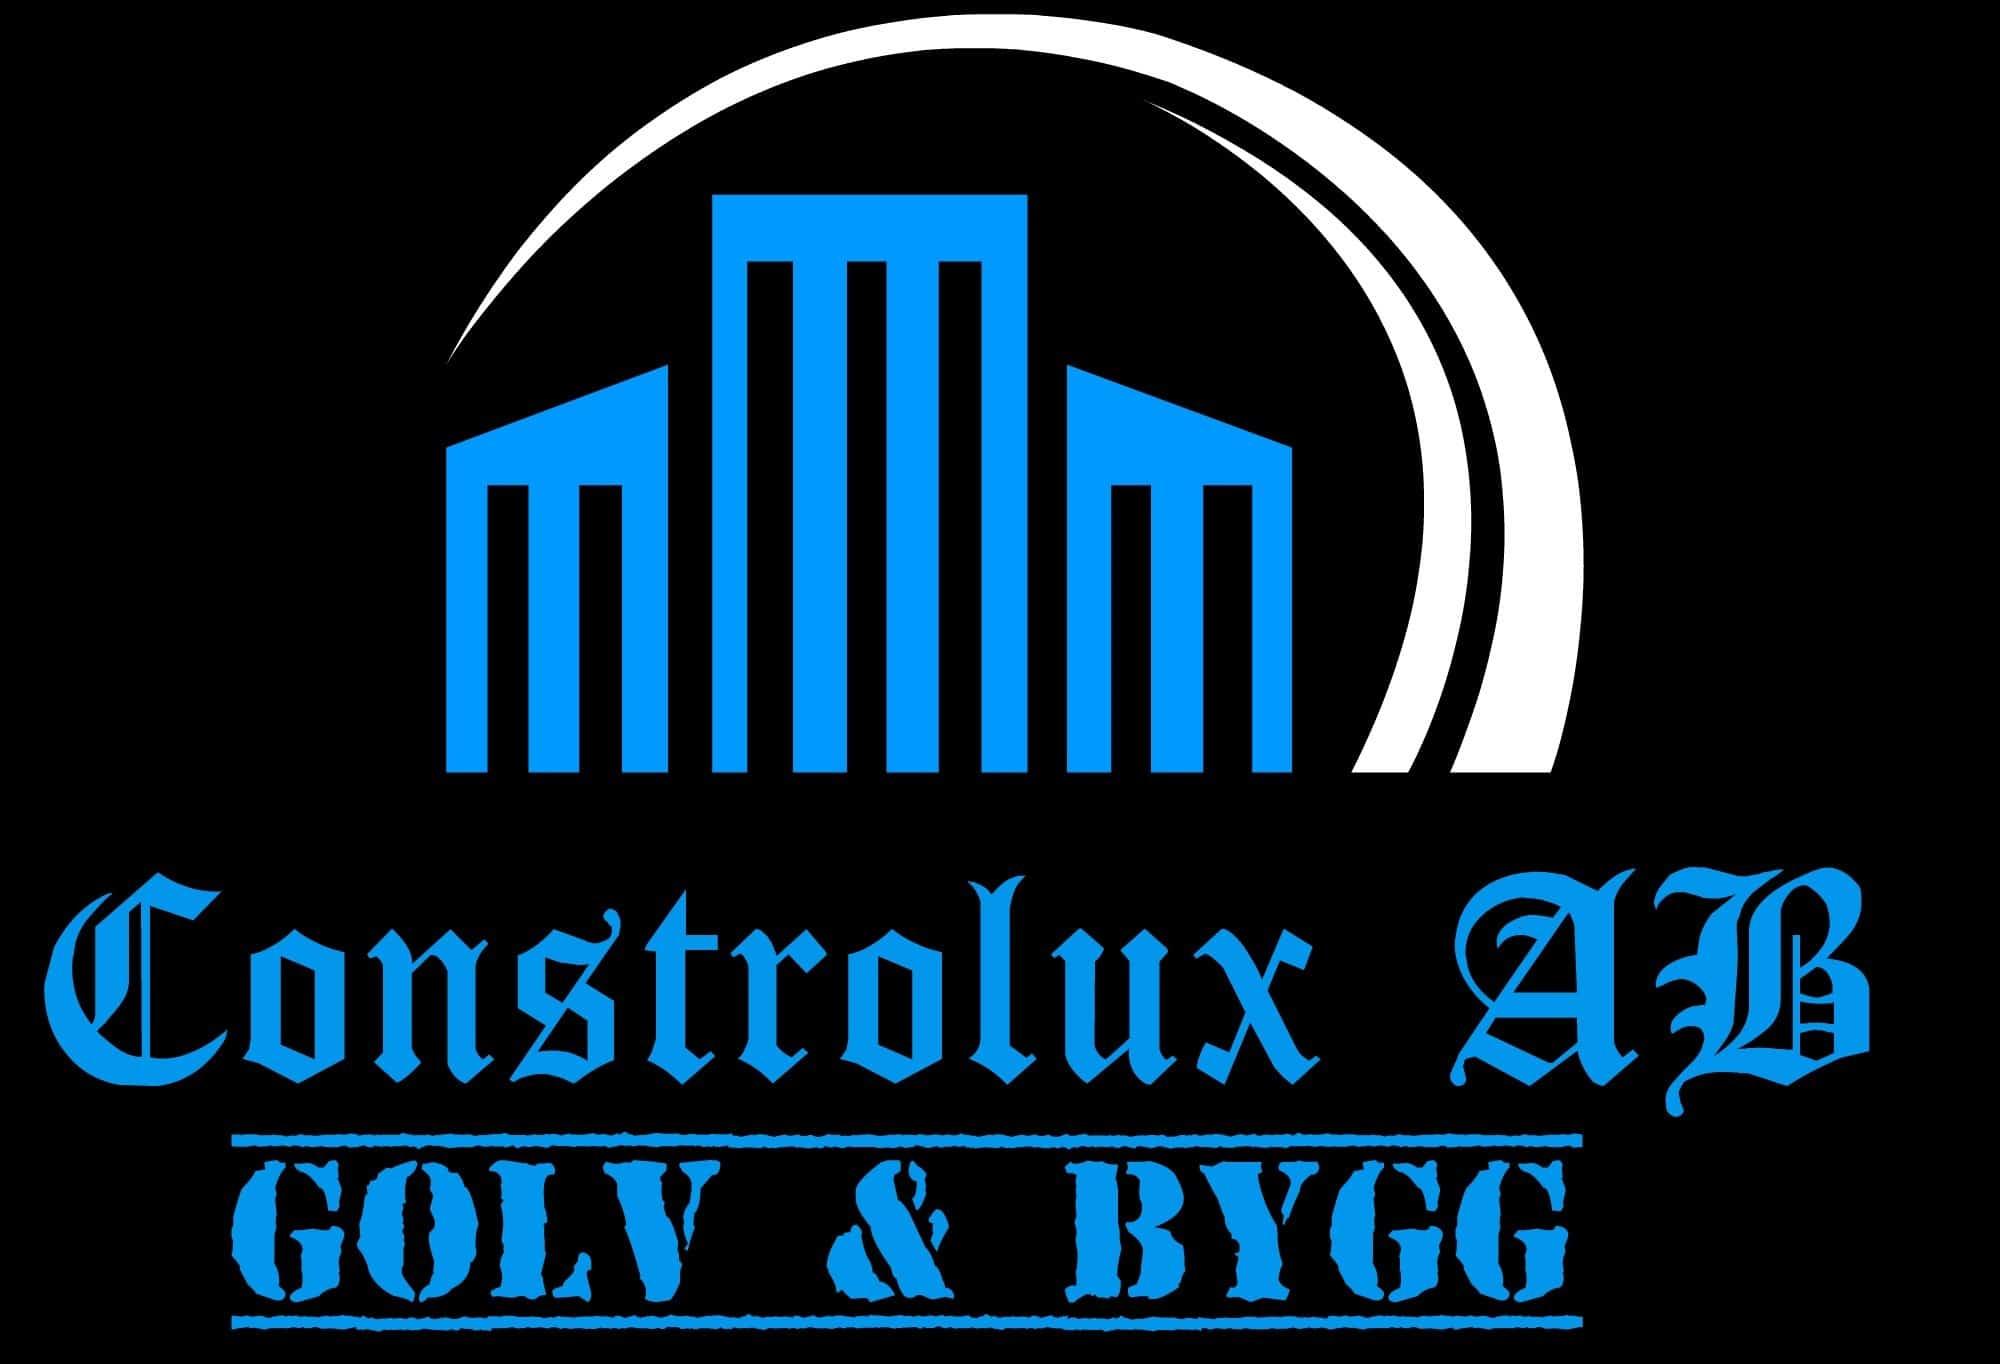 Logotyp för Constrolux AB